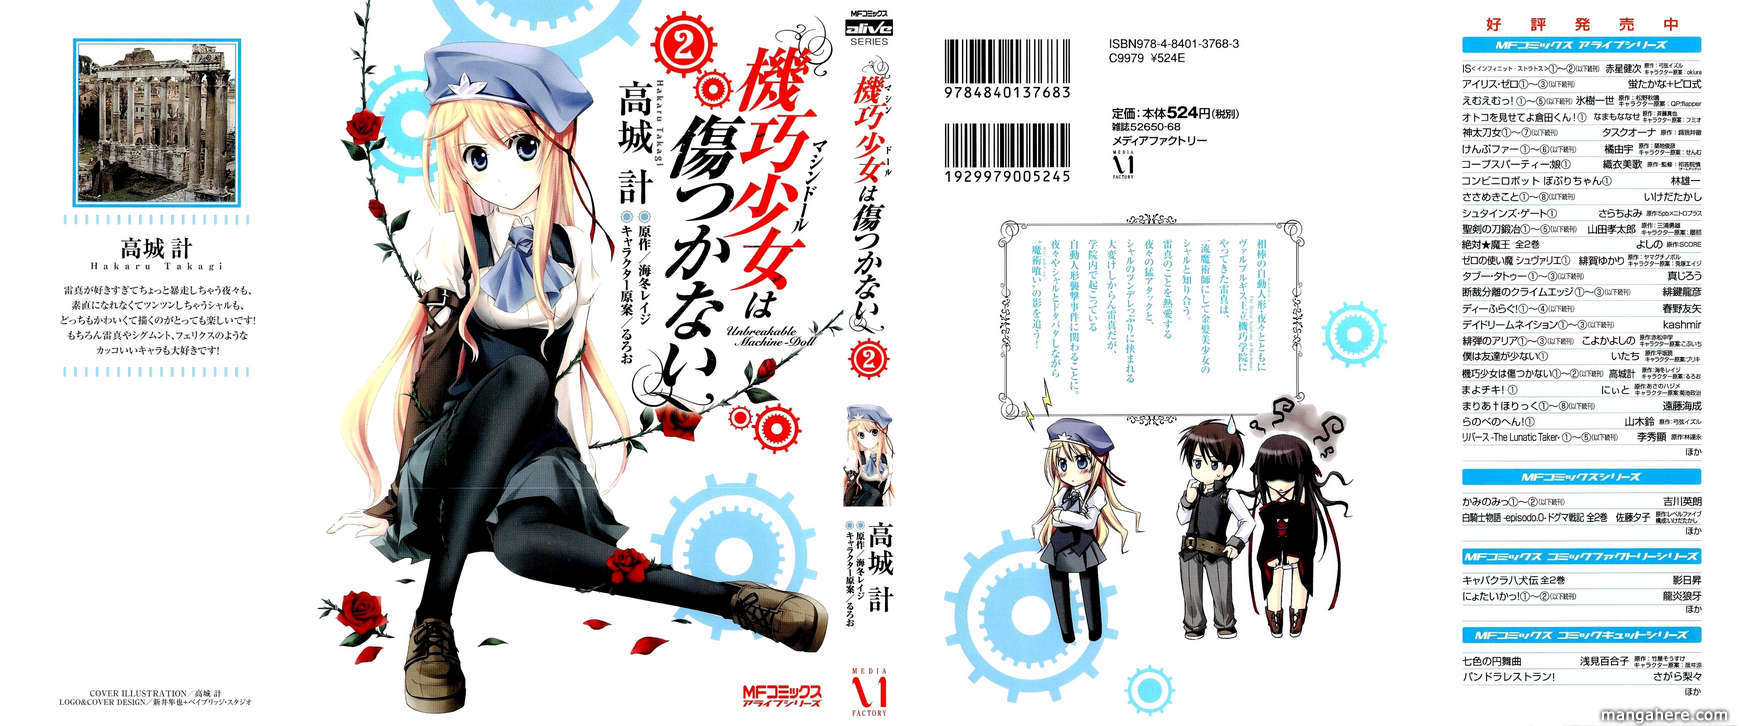 Kikou Shoujo wa Kizutsukanai 6 Page 1